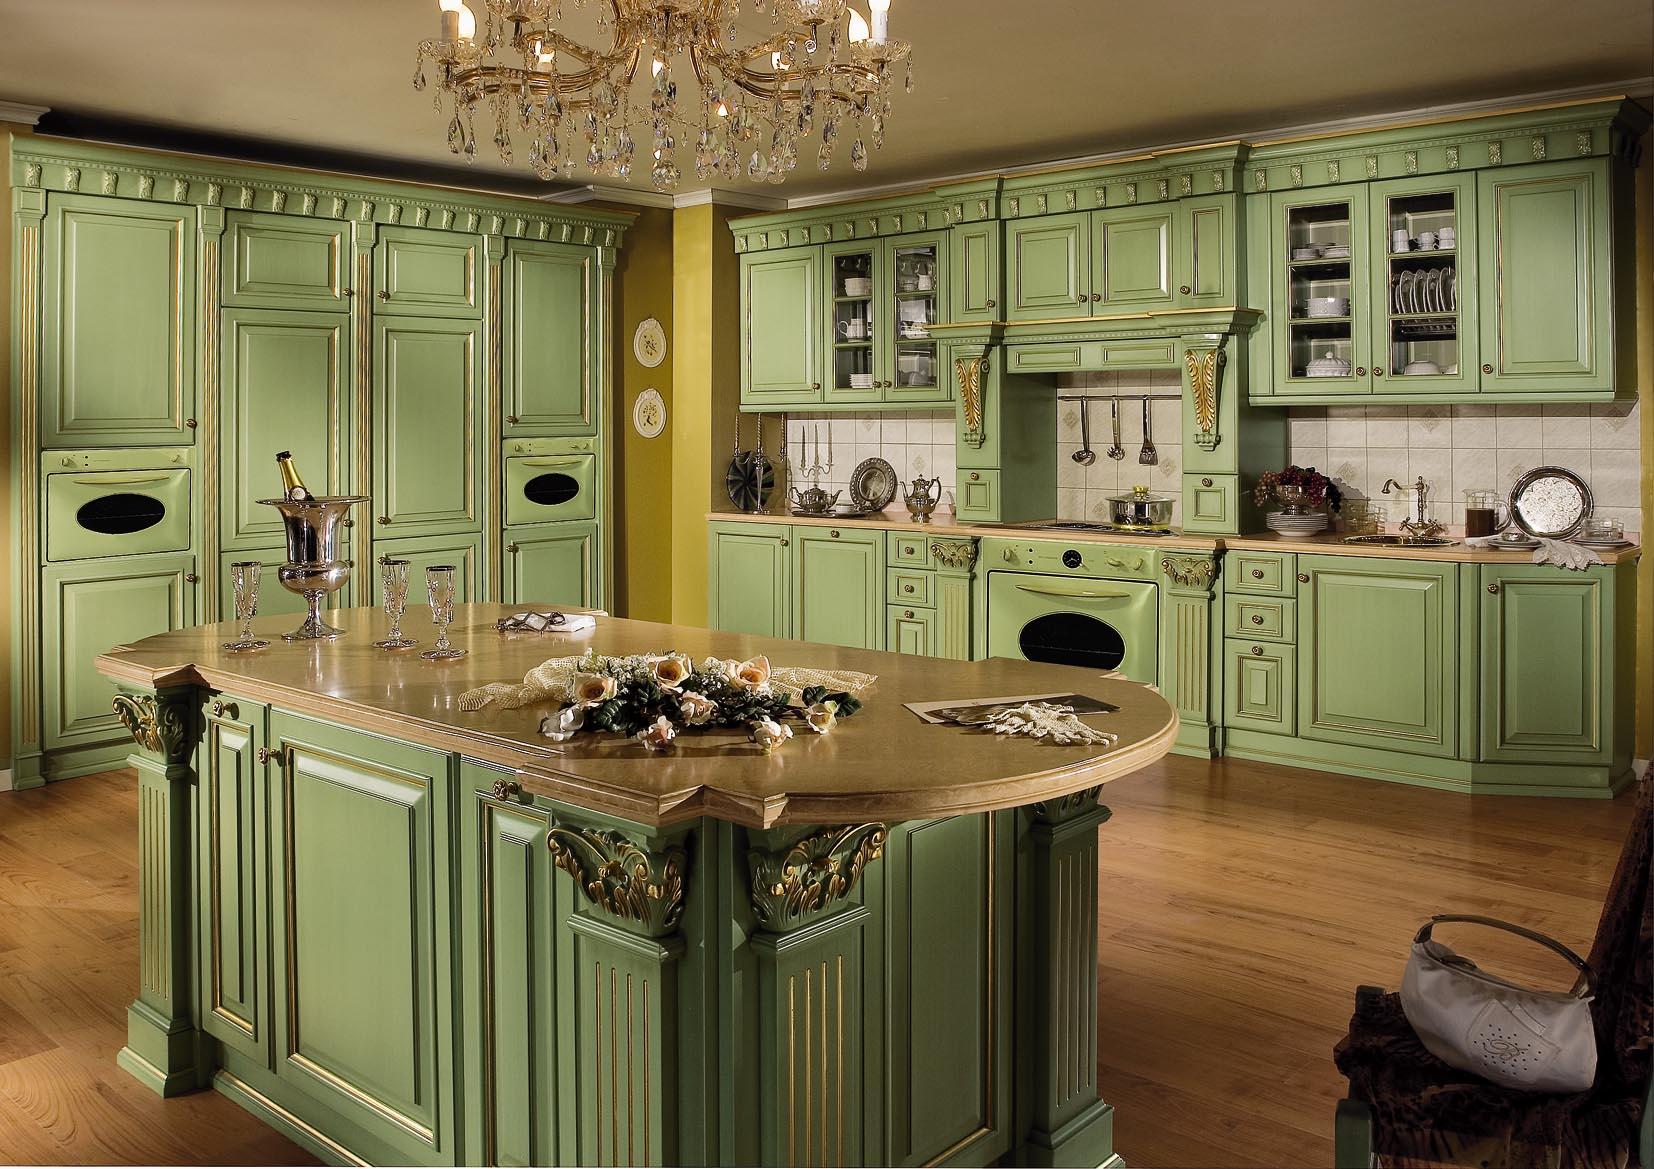 Оливковый кухонный гарнитур, декорированный позолотой